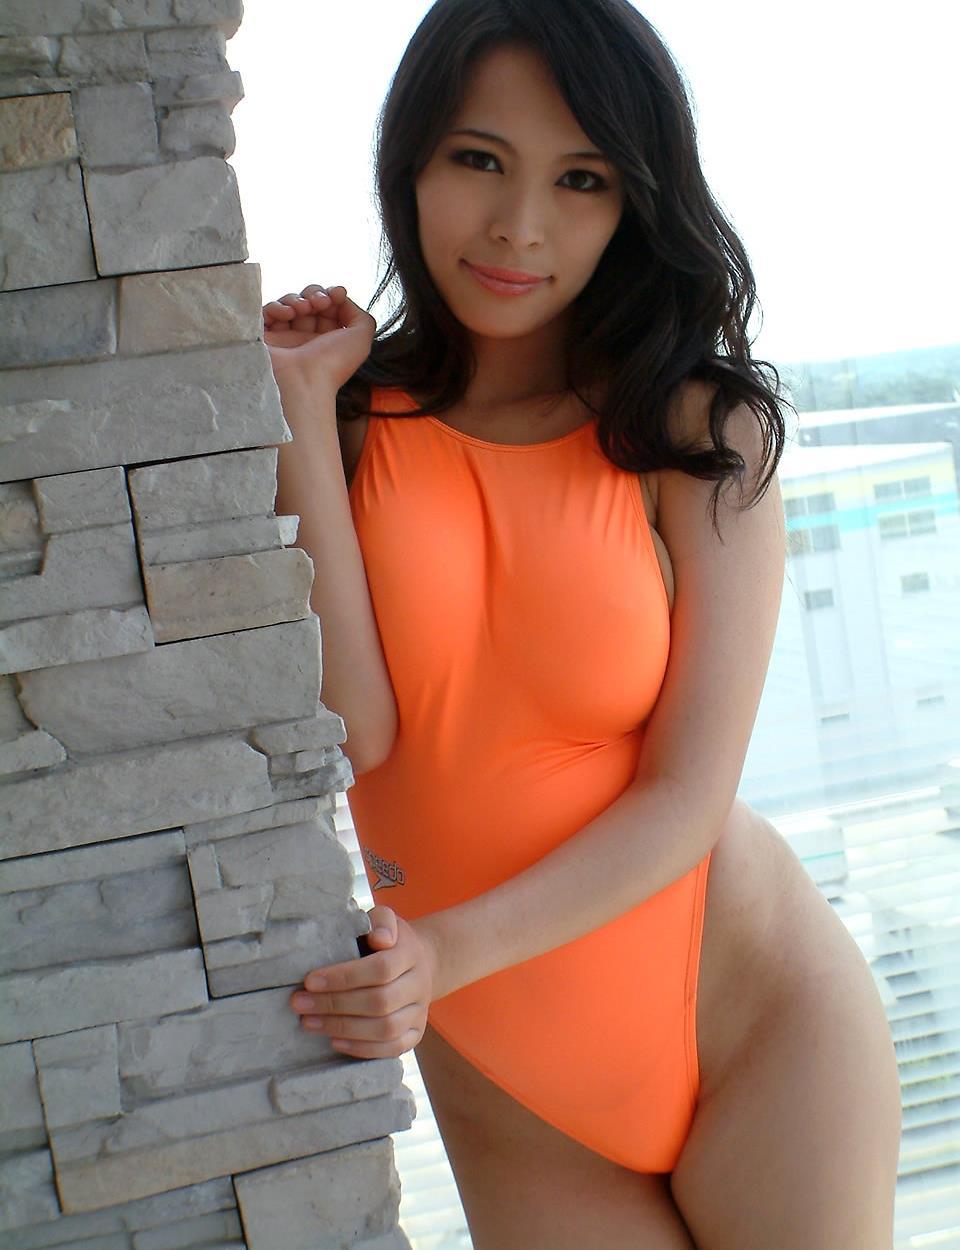 真木今日子 ヌード画像 62